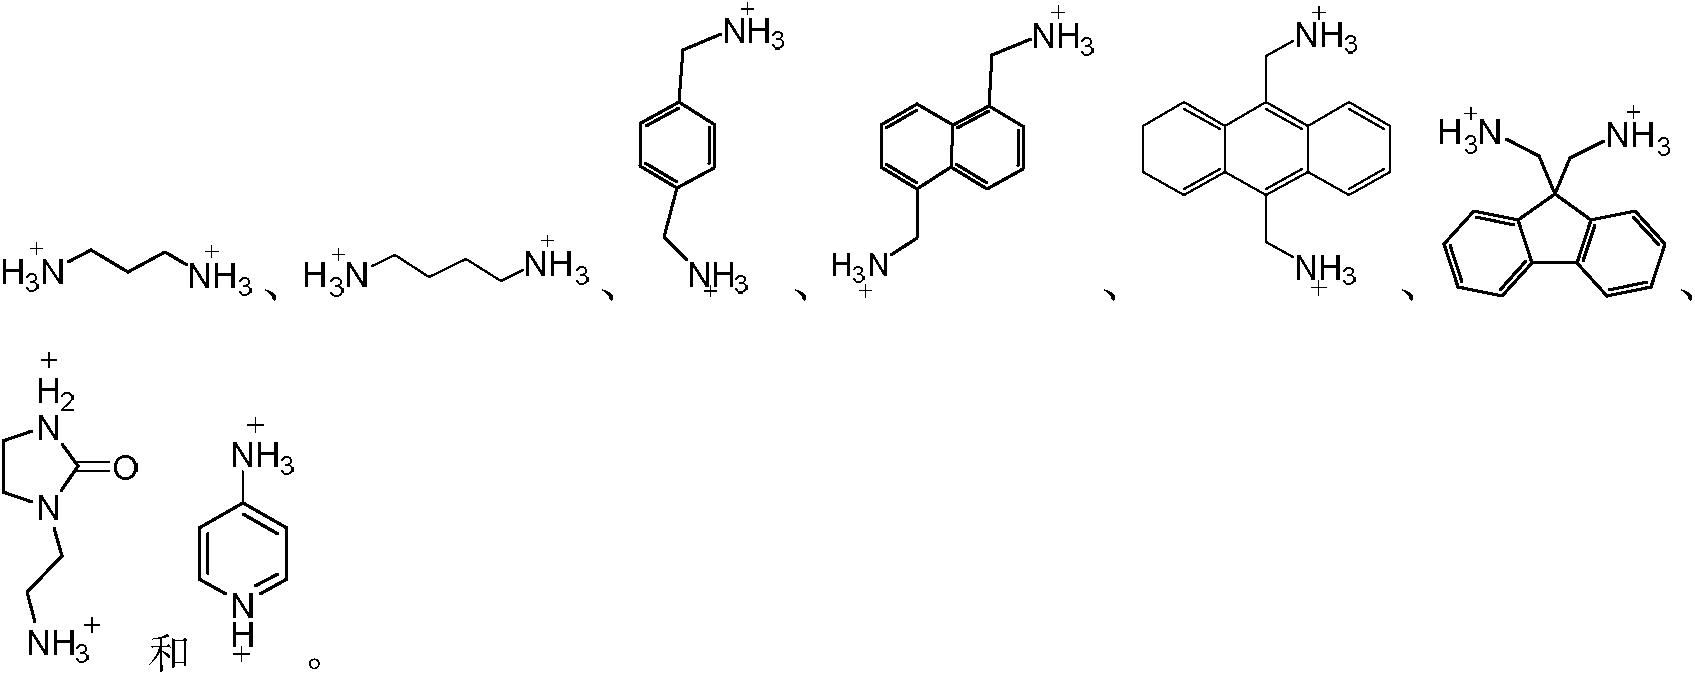 Figure PCTCN2017071351-appb-100005